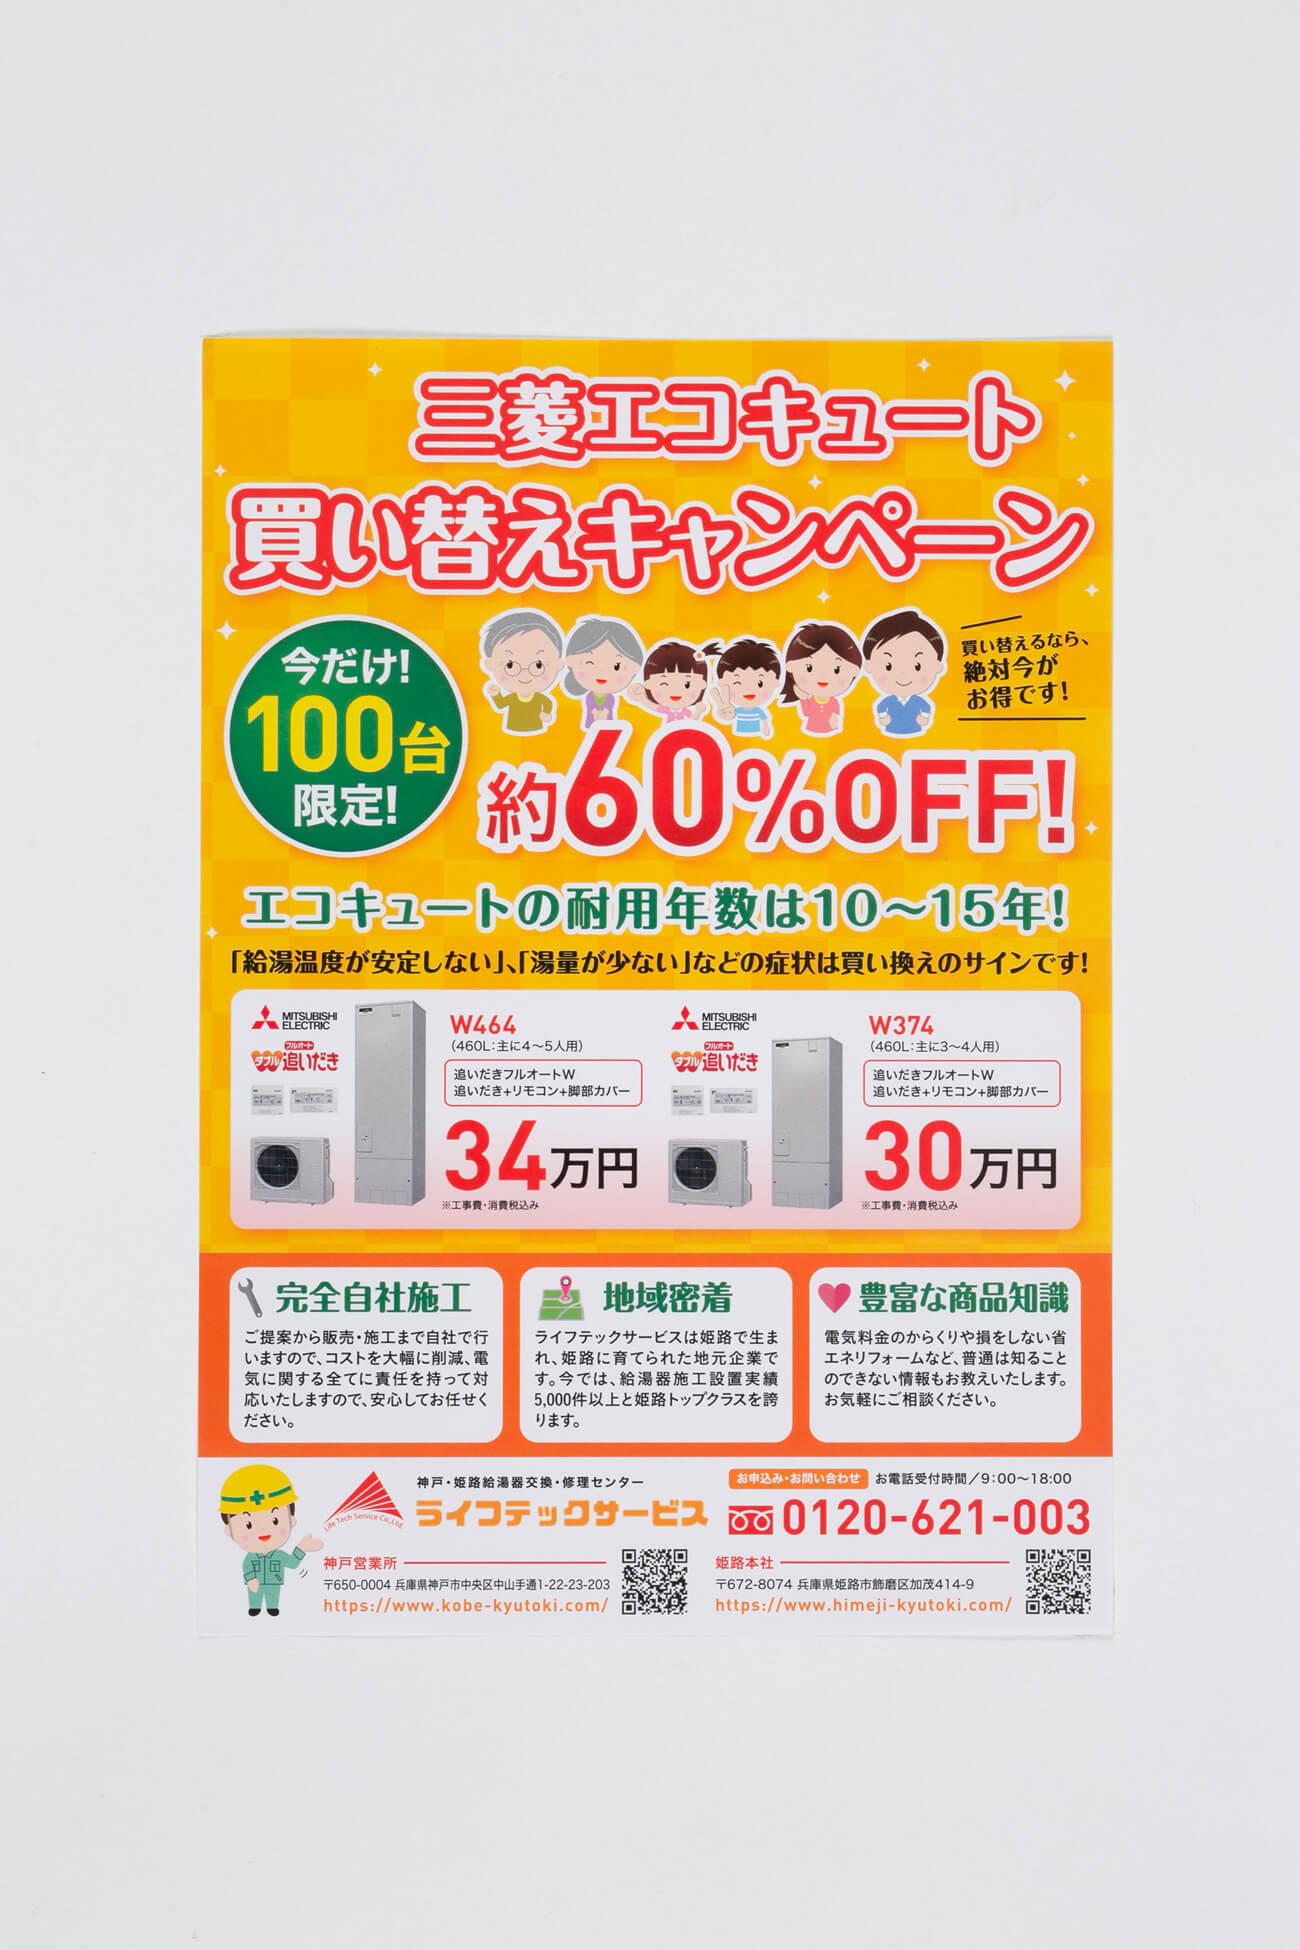 姫路市 株式会社ライフテックサービス様 キャンペーンチラシ制作1